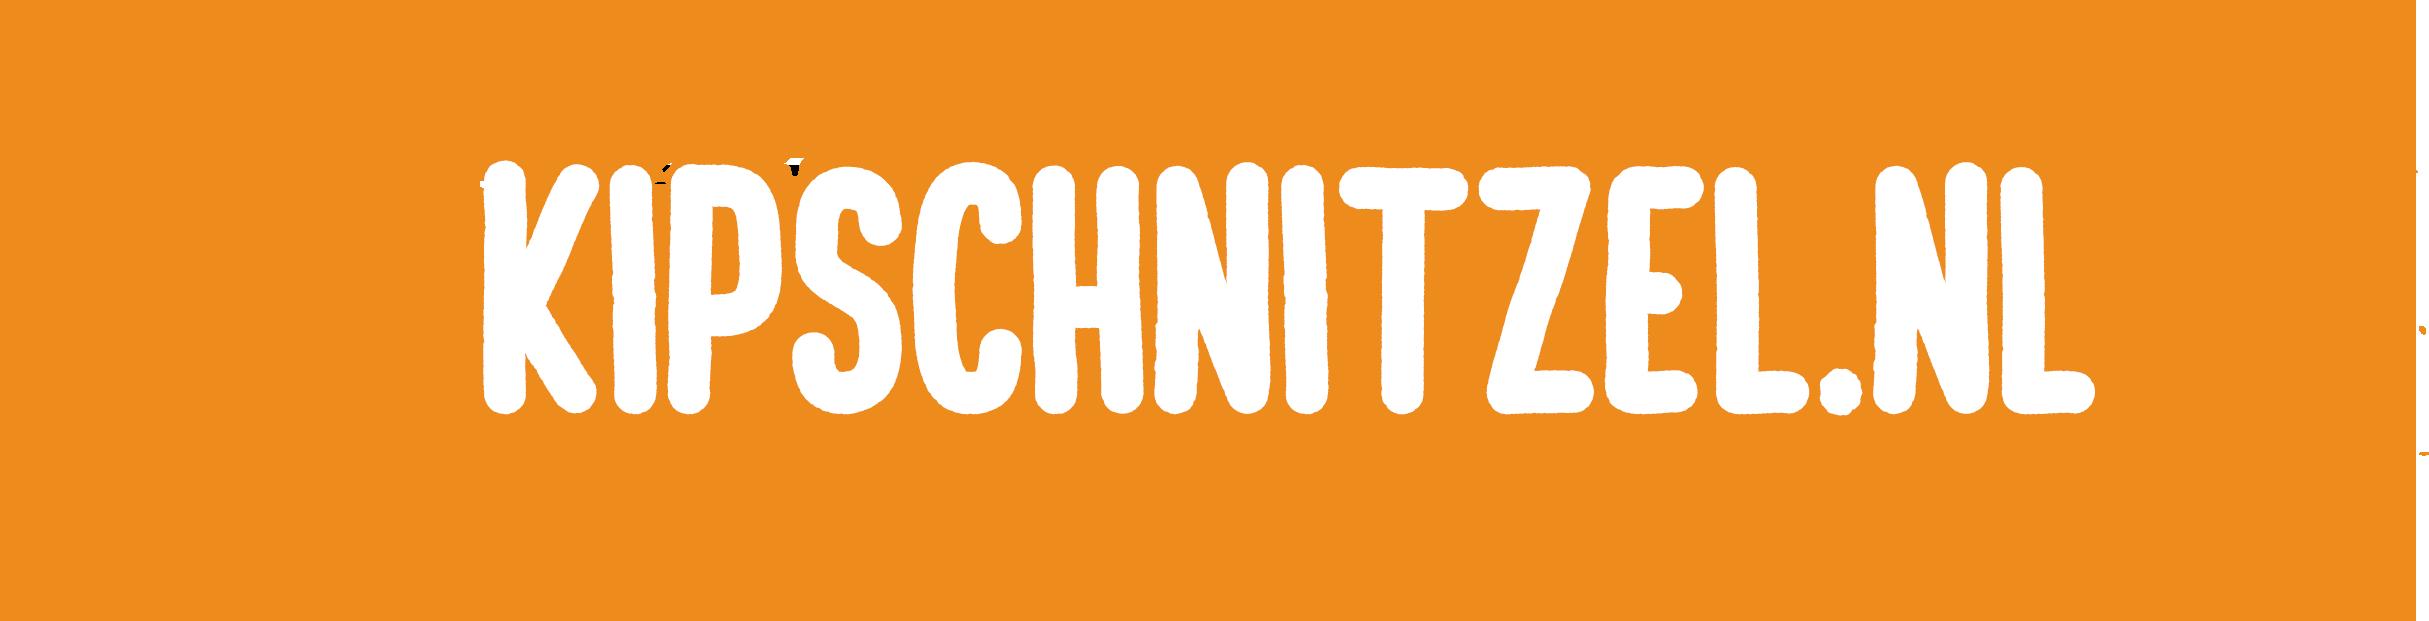 Kipschnitzel.nl